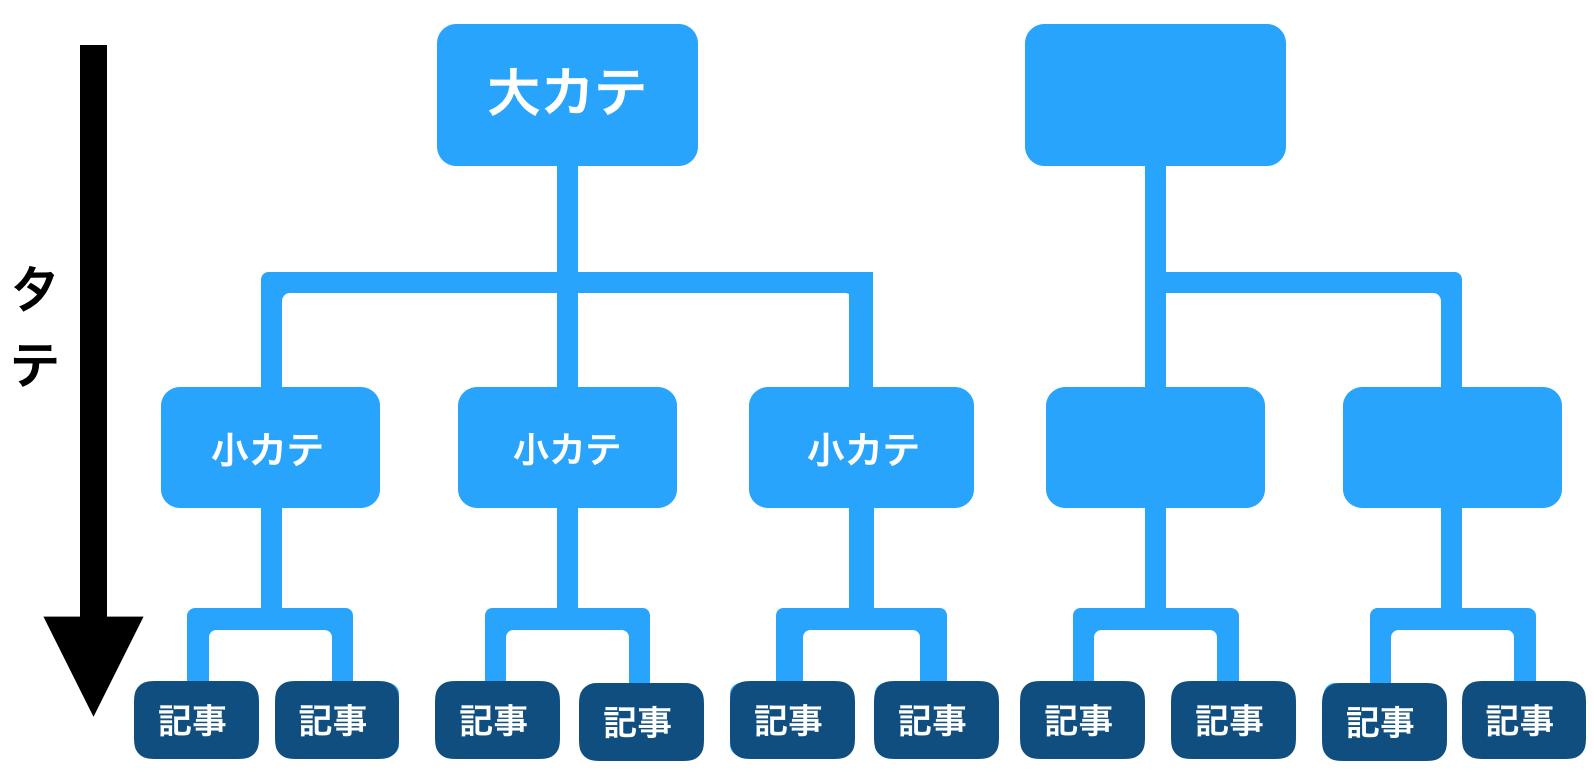 カテゴリーの構造図